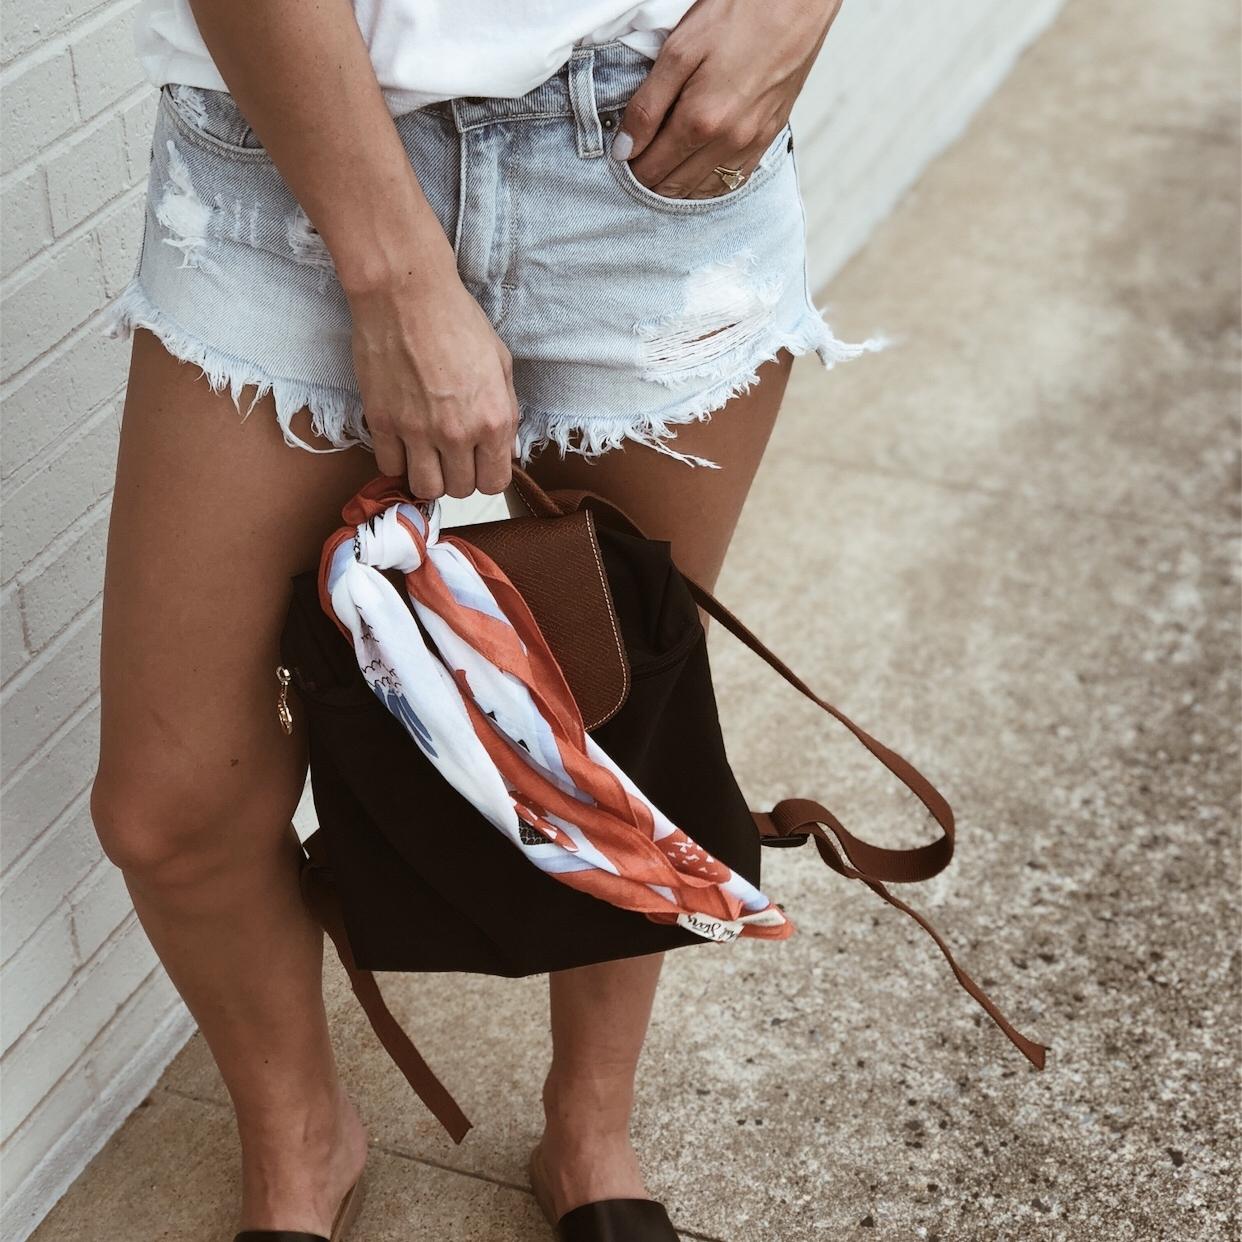 No. 3 - On your bag